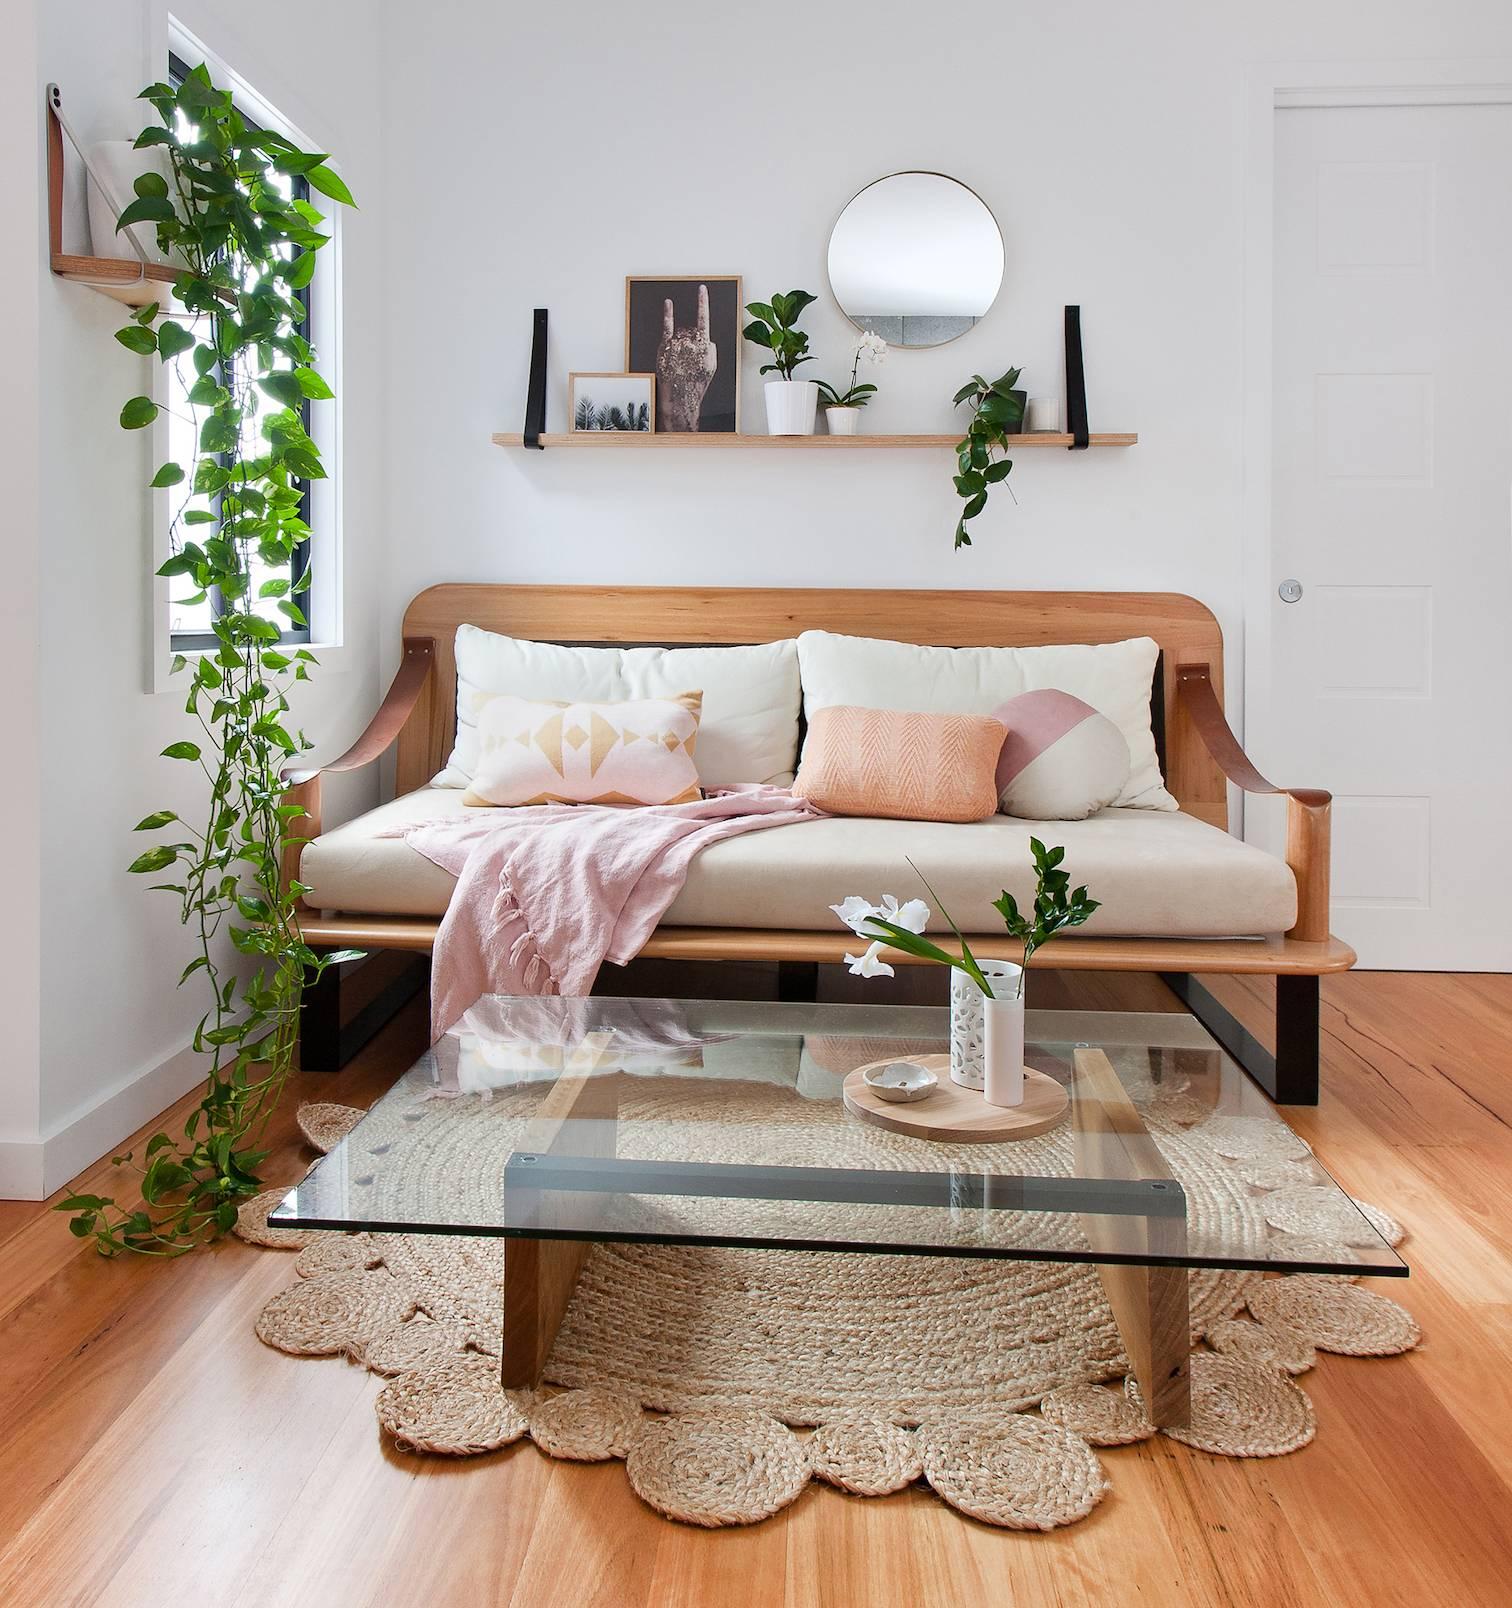 images Живые цветы в интерьере: 25 идей для квартиры и дачи изображения